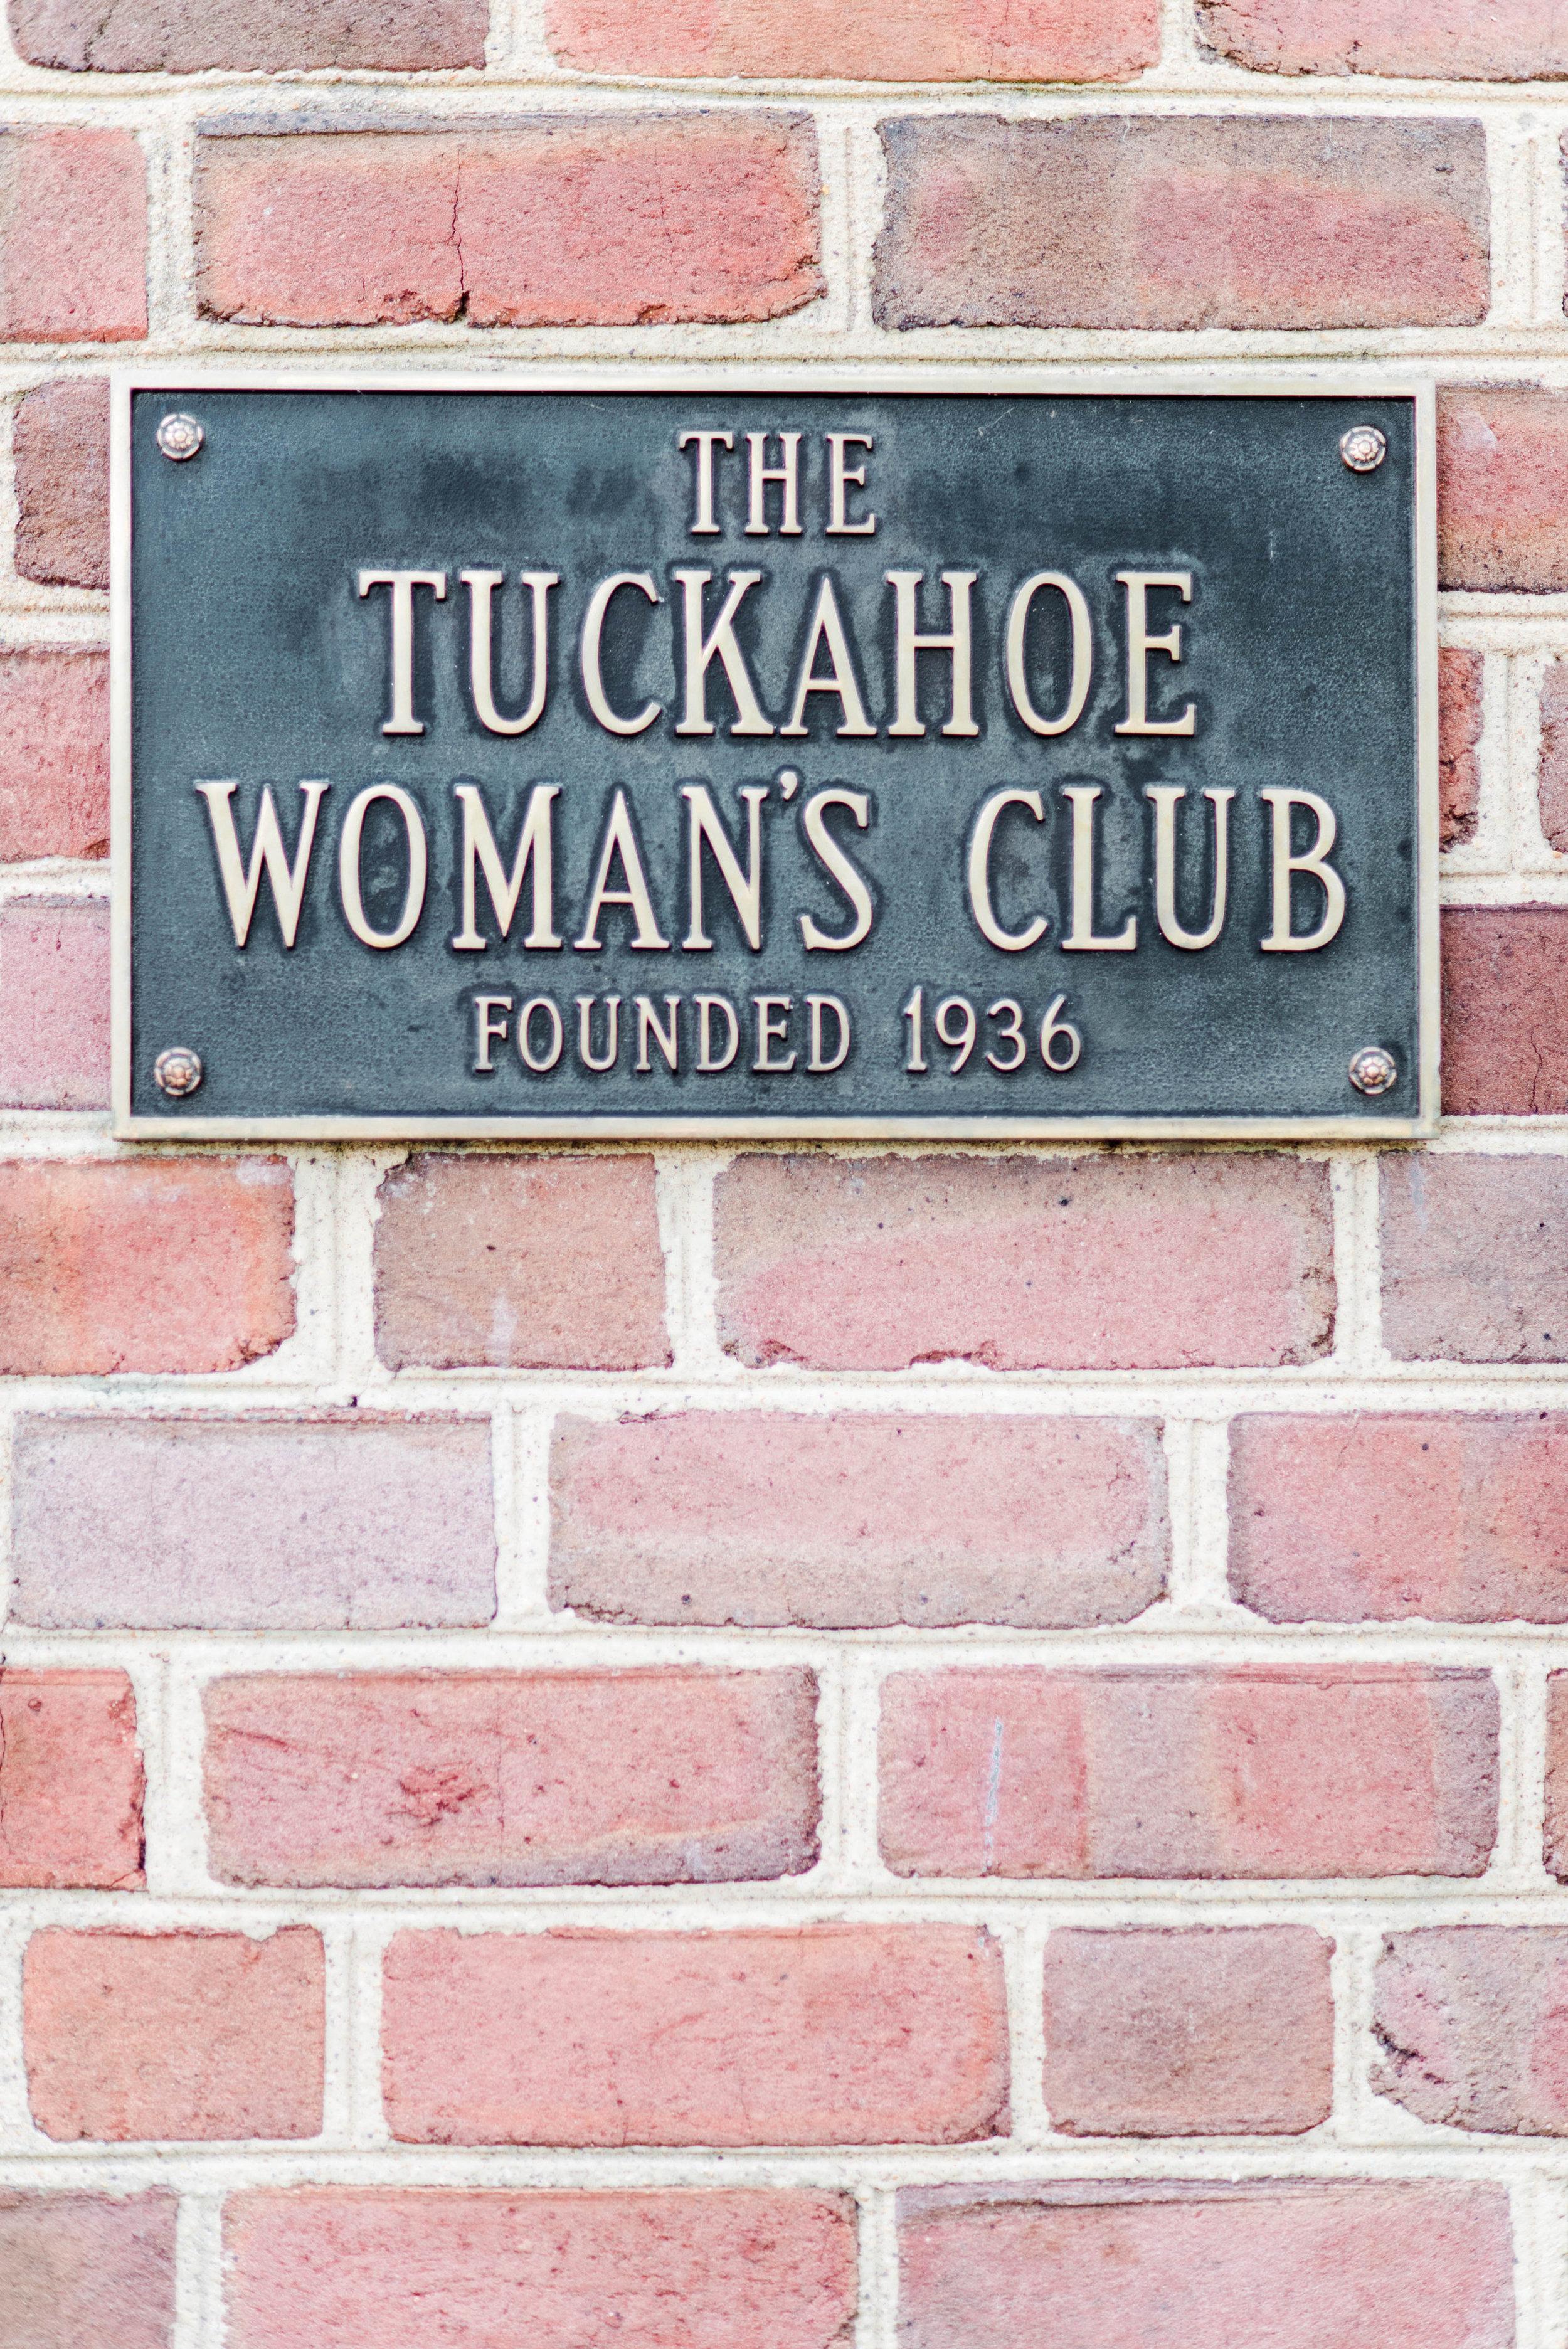 tuckahoe-womens-0055.jpg